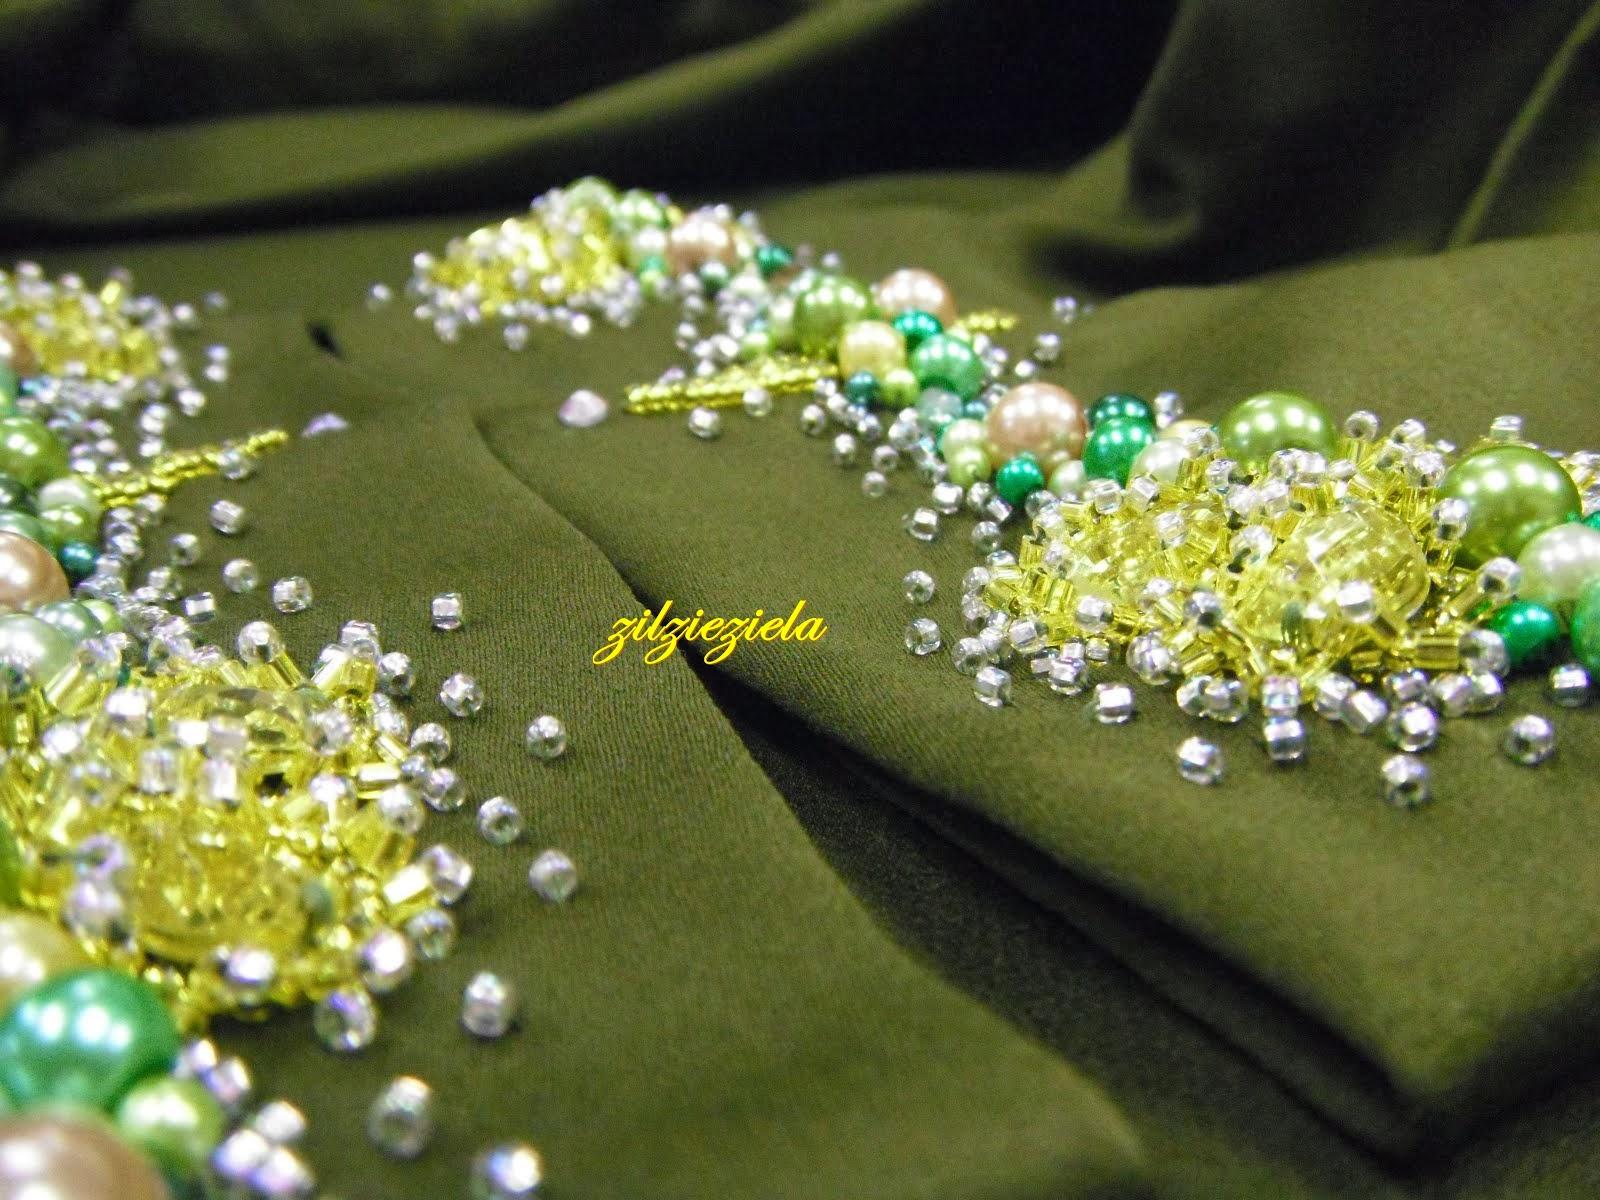 Nur Hazielah Beads